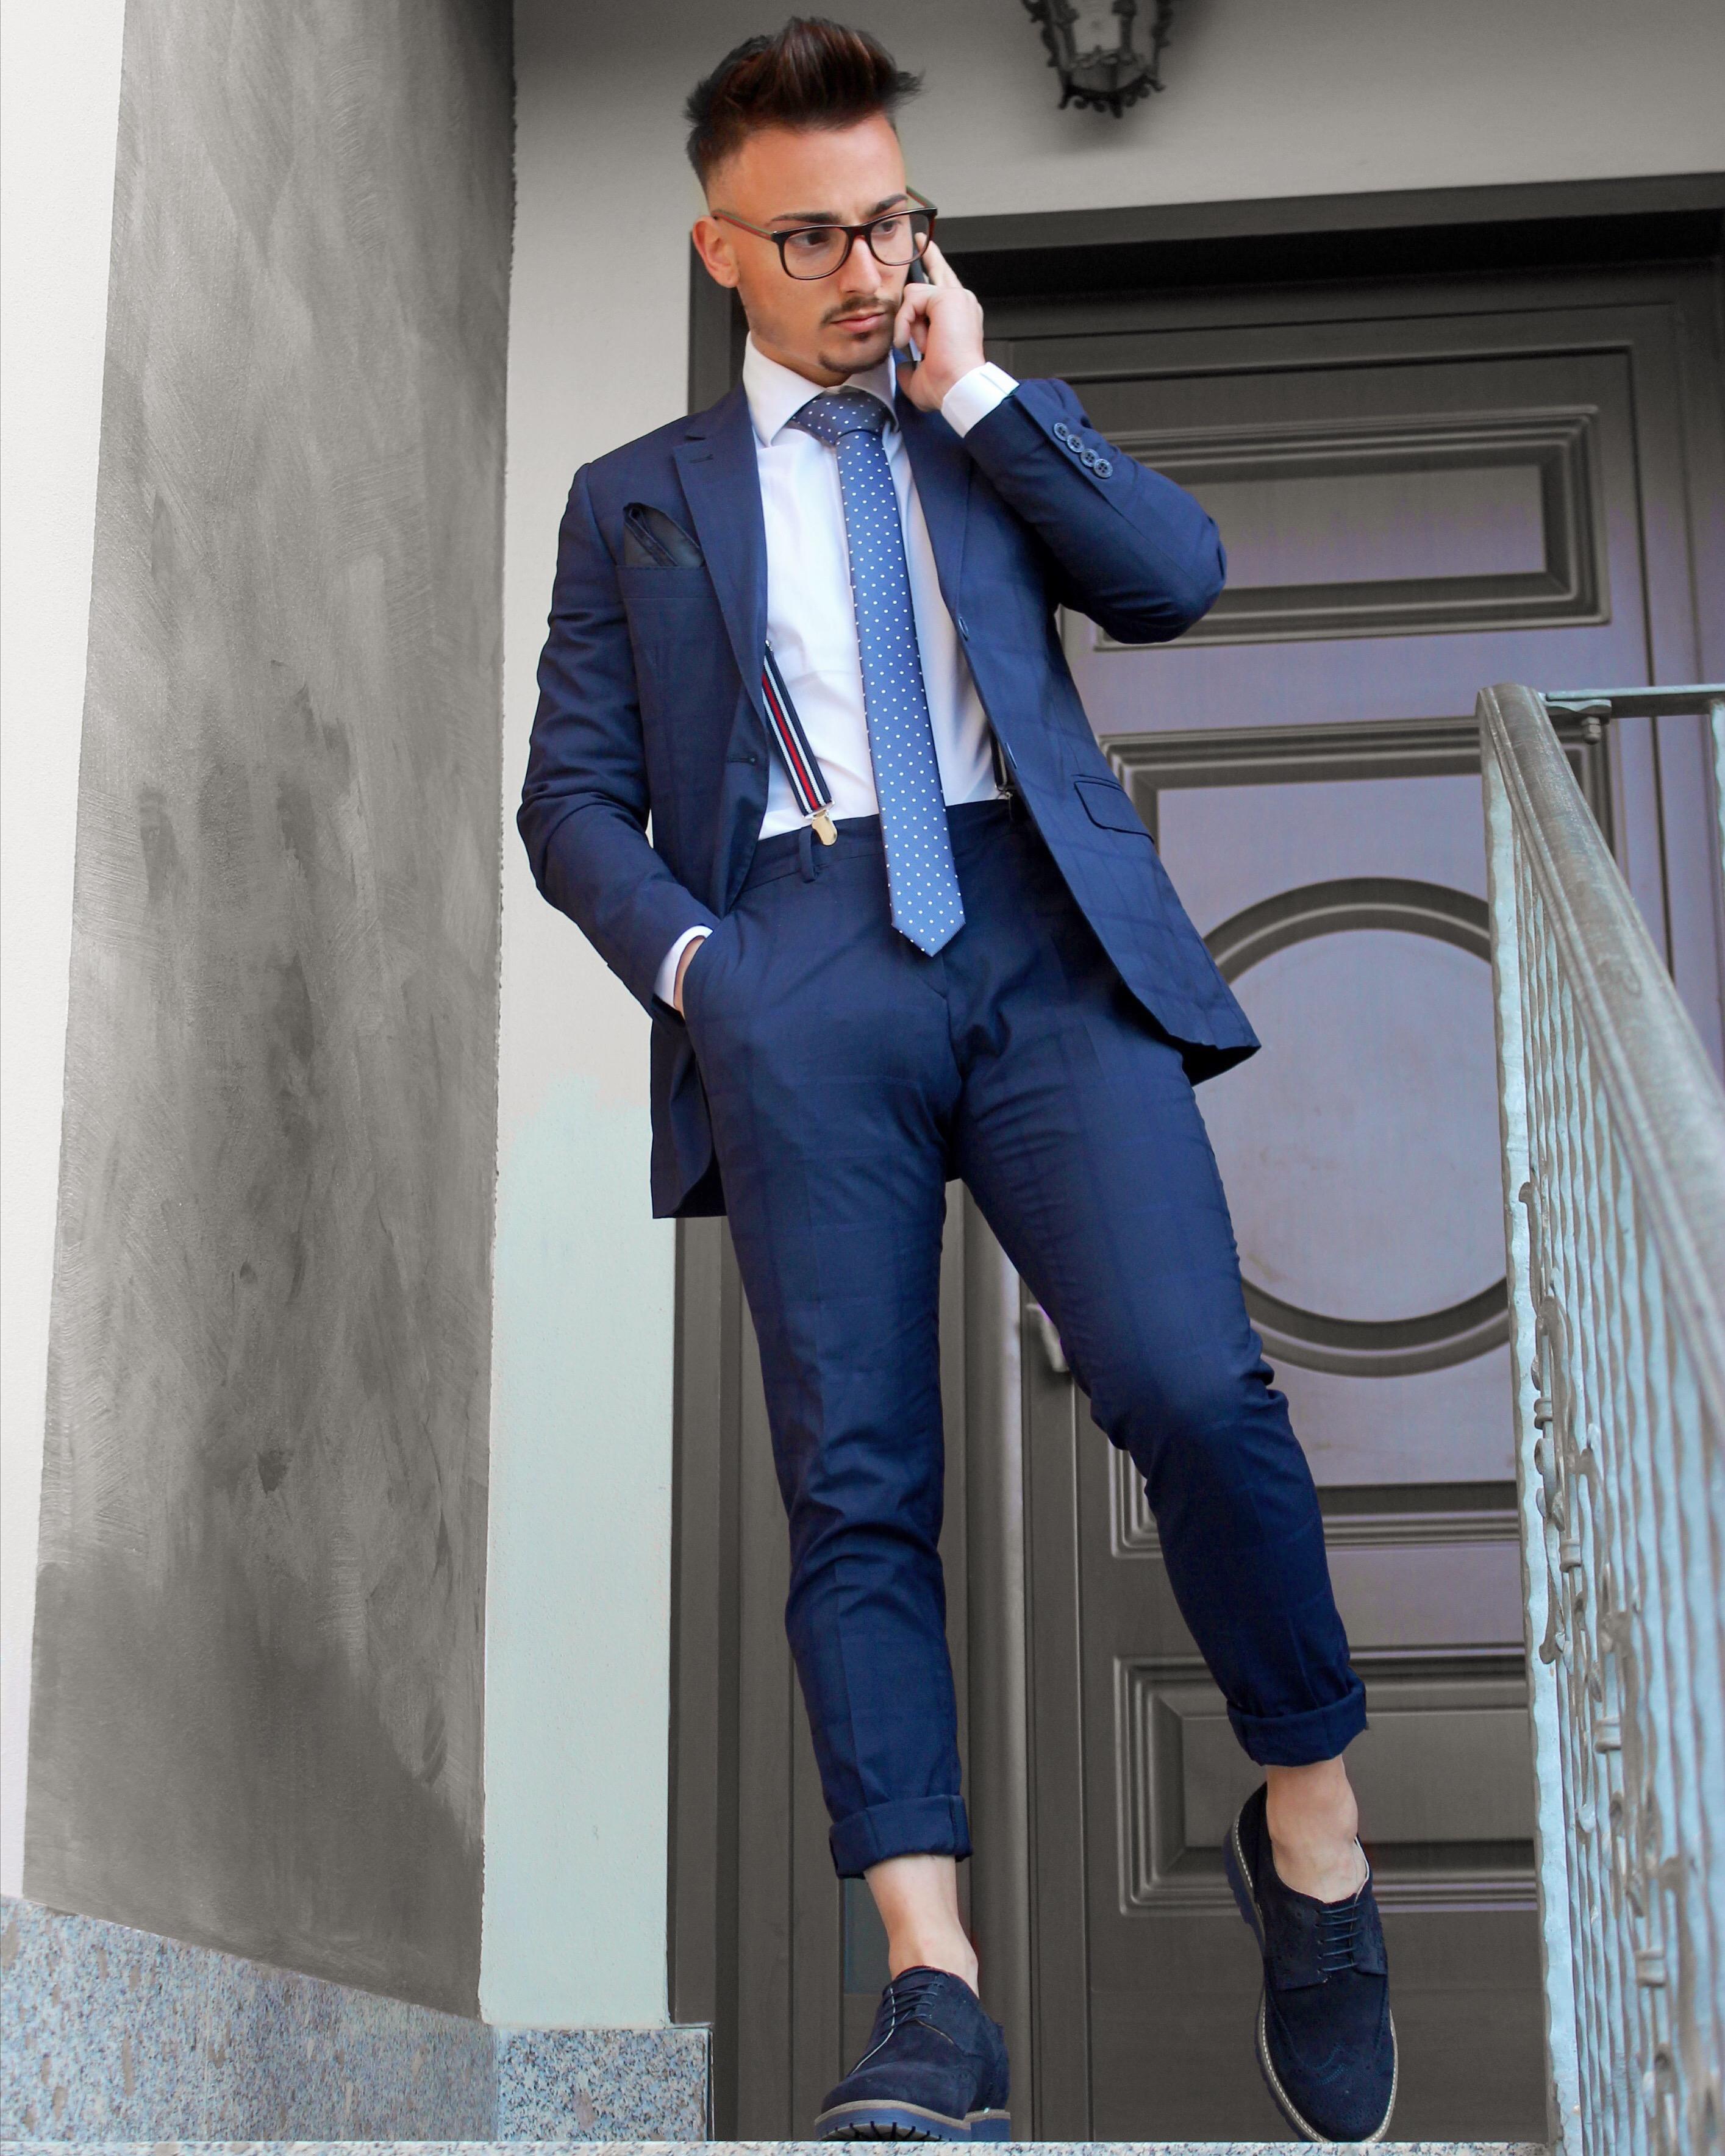 sports shoes a7c12 32ffd Come scegliere l'abito da uomo: il look di David Beckham ...